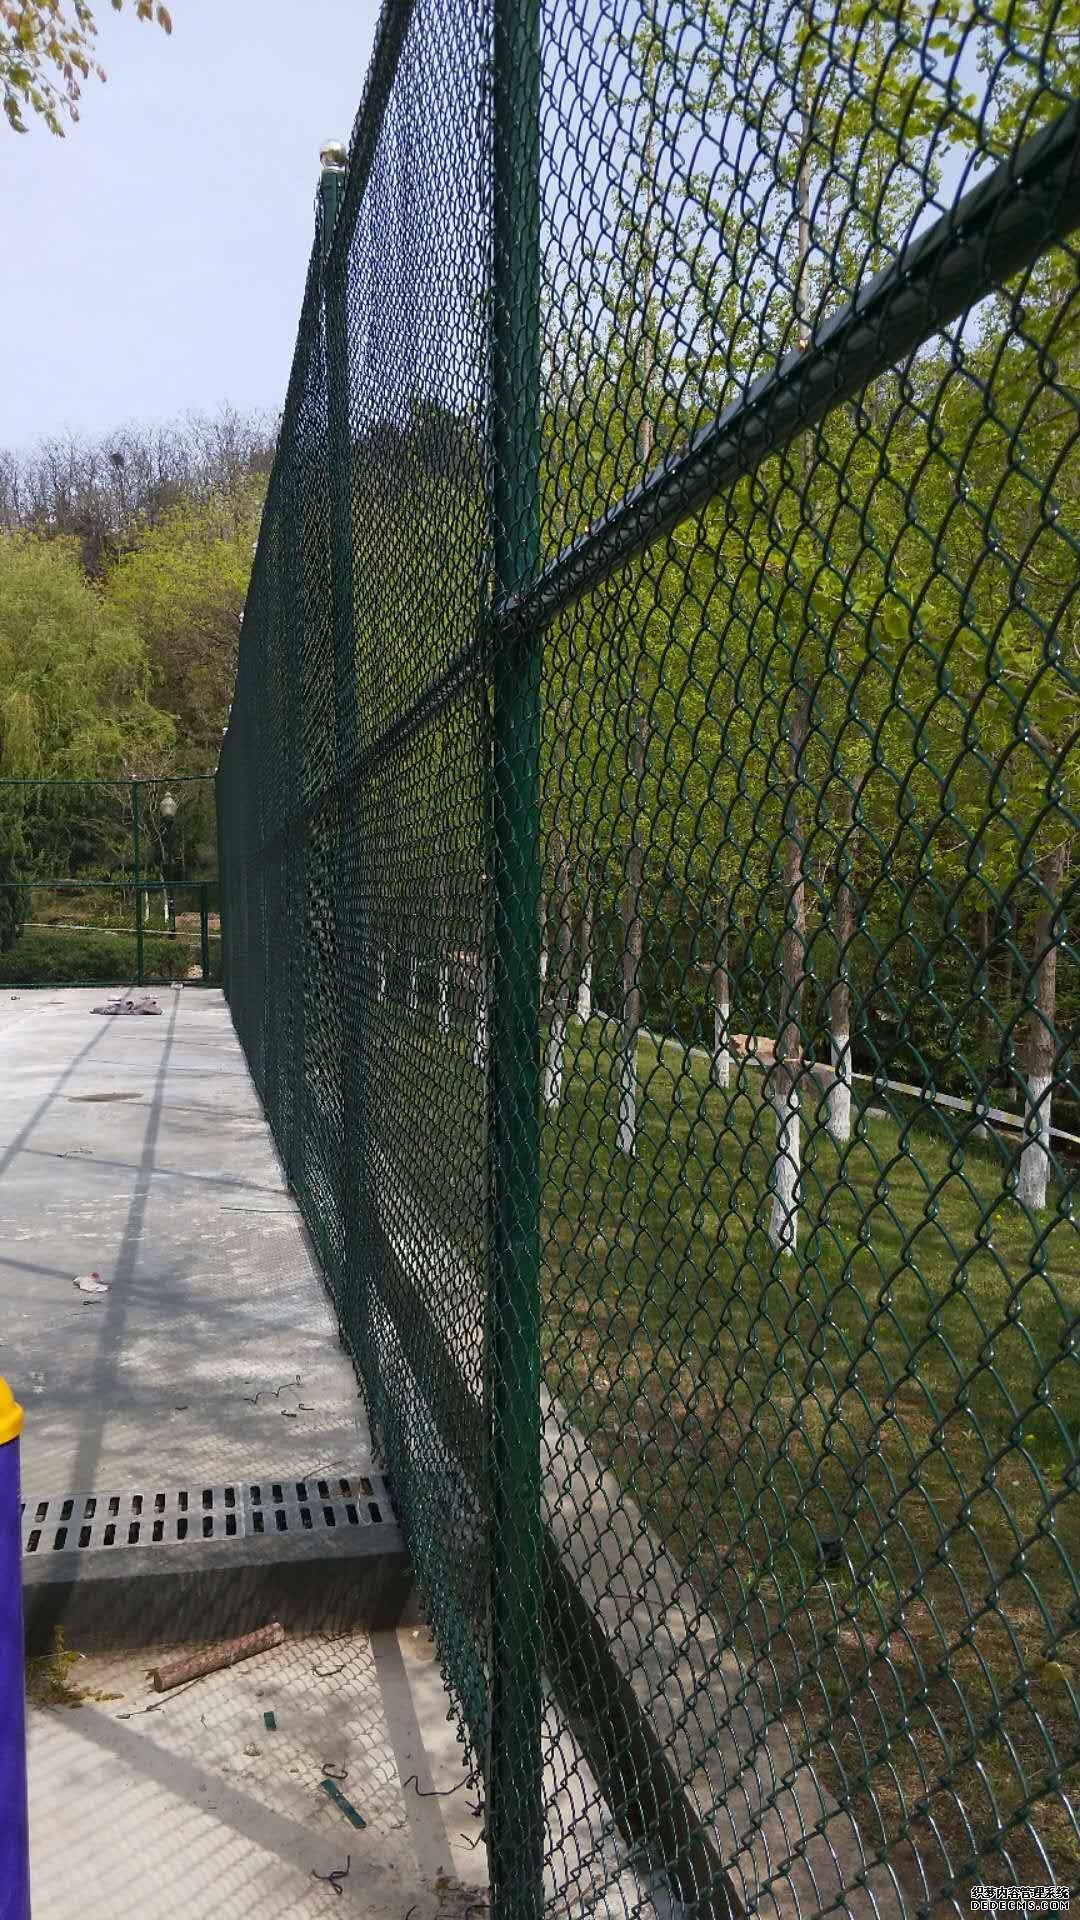 青岛球场围网-青岛市委党校球场围网安装验收通